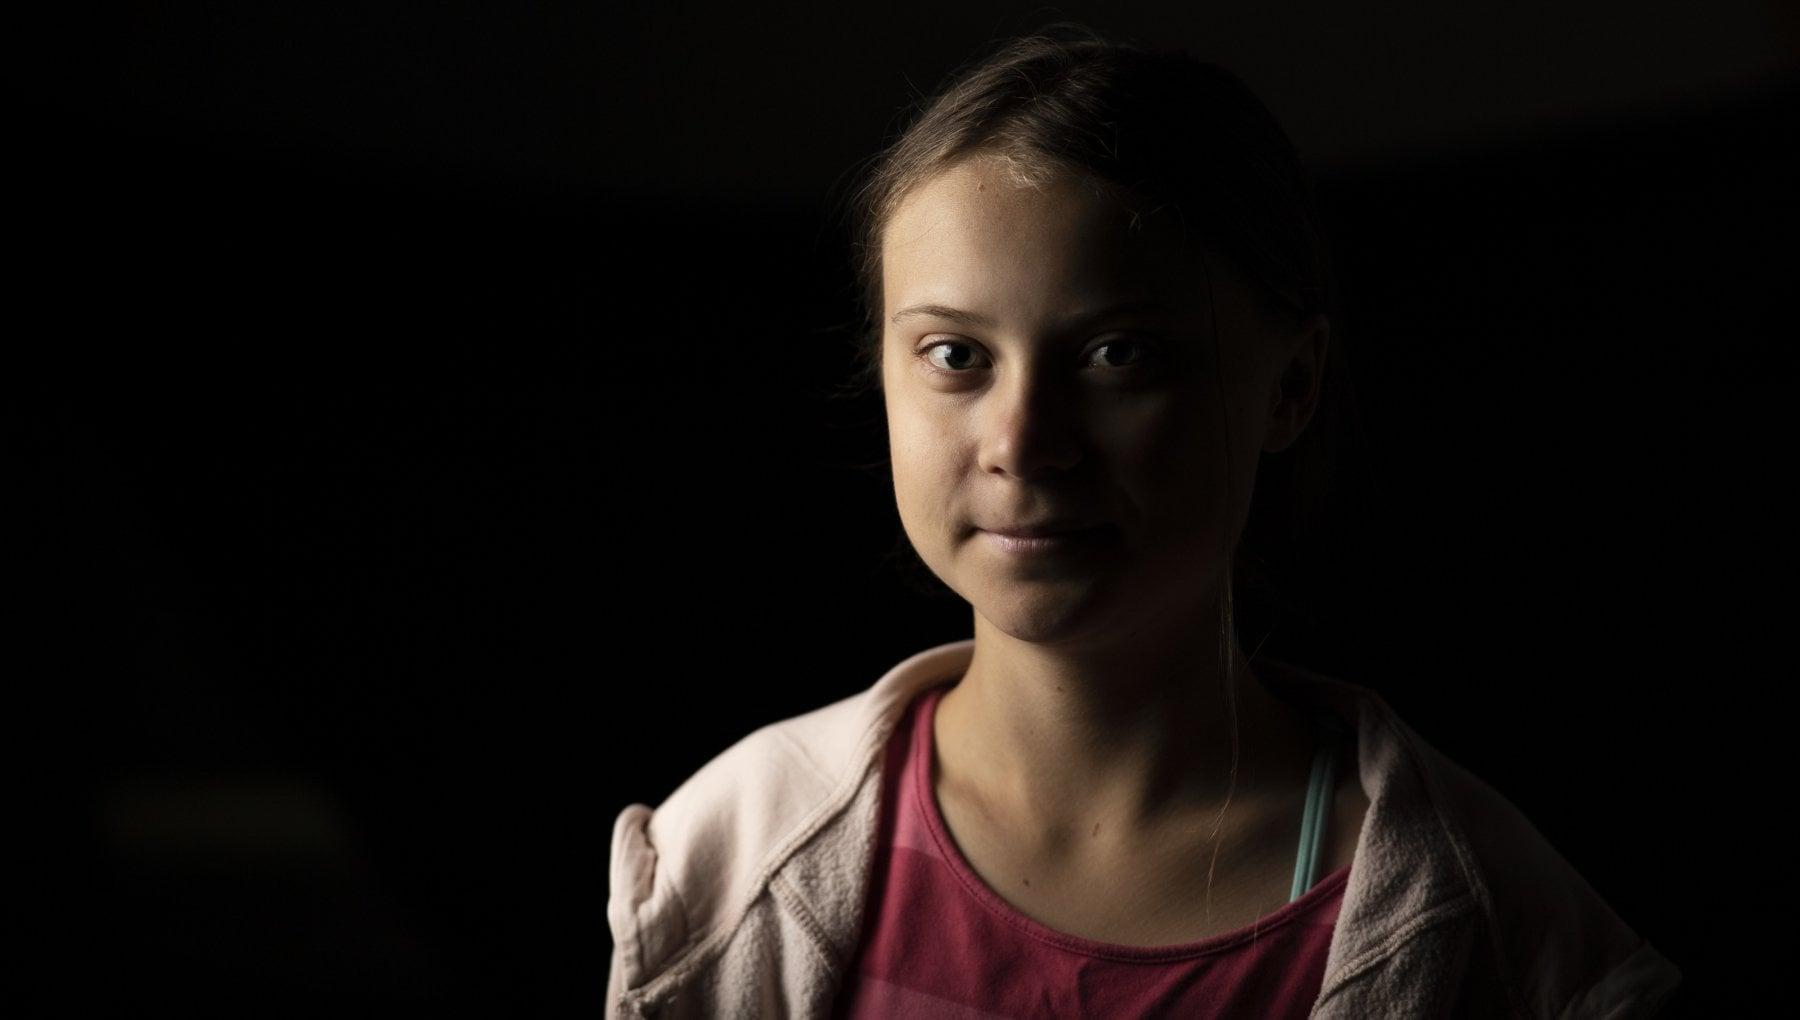 """105910919 ddda7ccc 05cc 40c1 ae48 11ec8ac7da58 - Greta compie 18 anni: """"Lo so, la fama non durerà per sempre"""""""